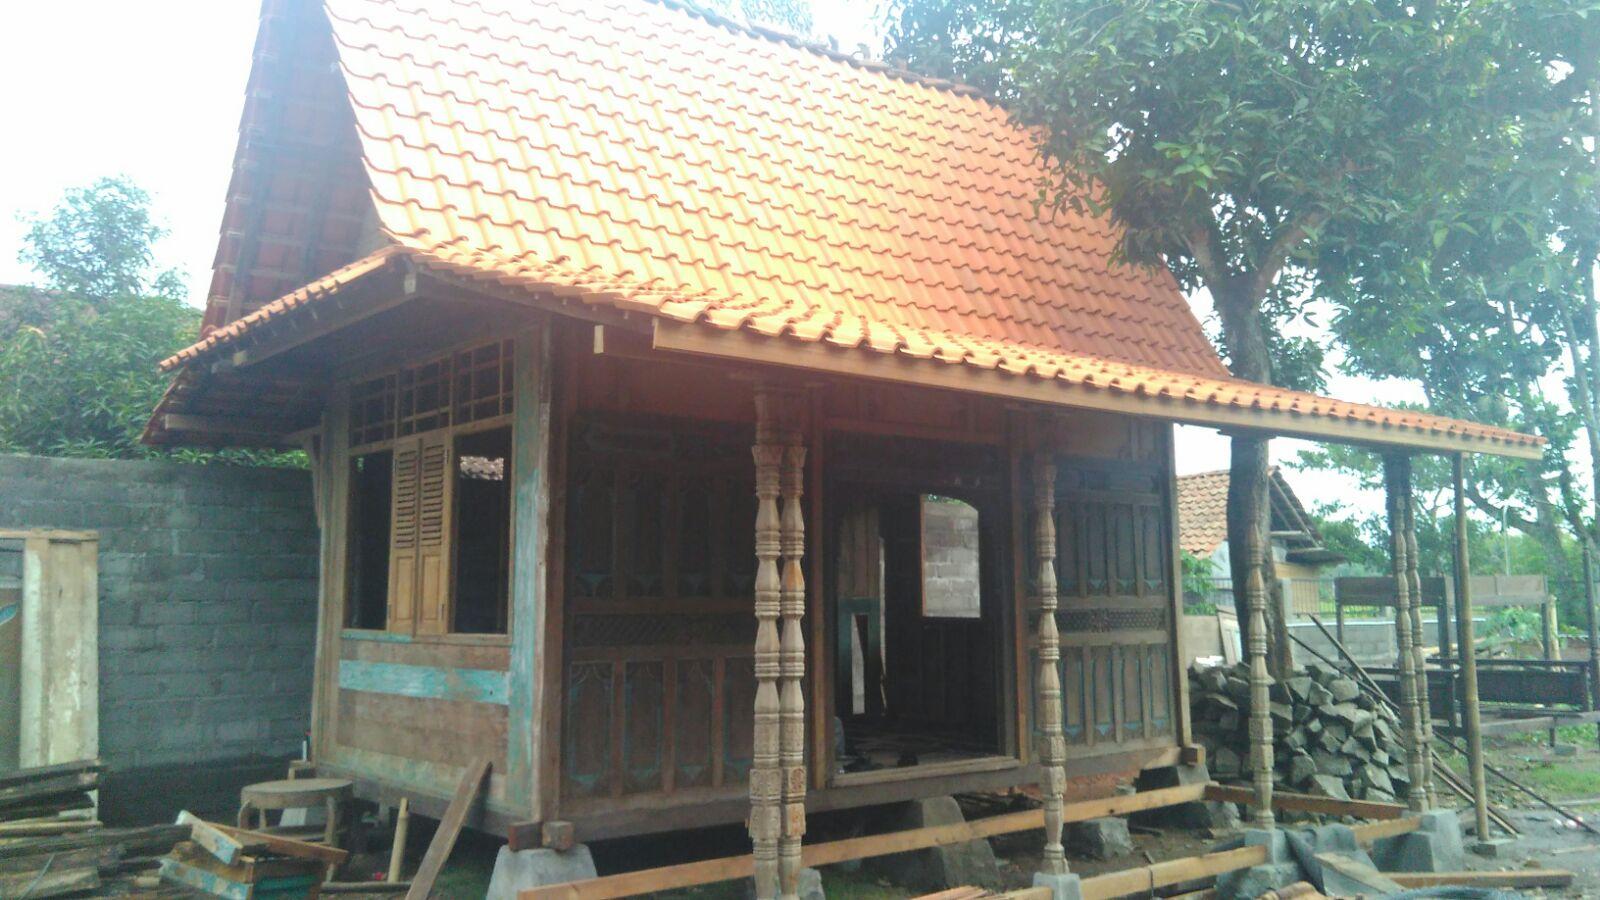 Rumah Panggung Antik furniture dan barang antik: rumah panggung kayu jati kuno & Rumah Panggung Antik - Denah Rumah